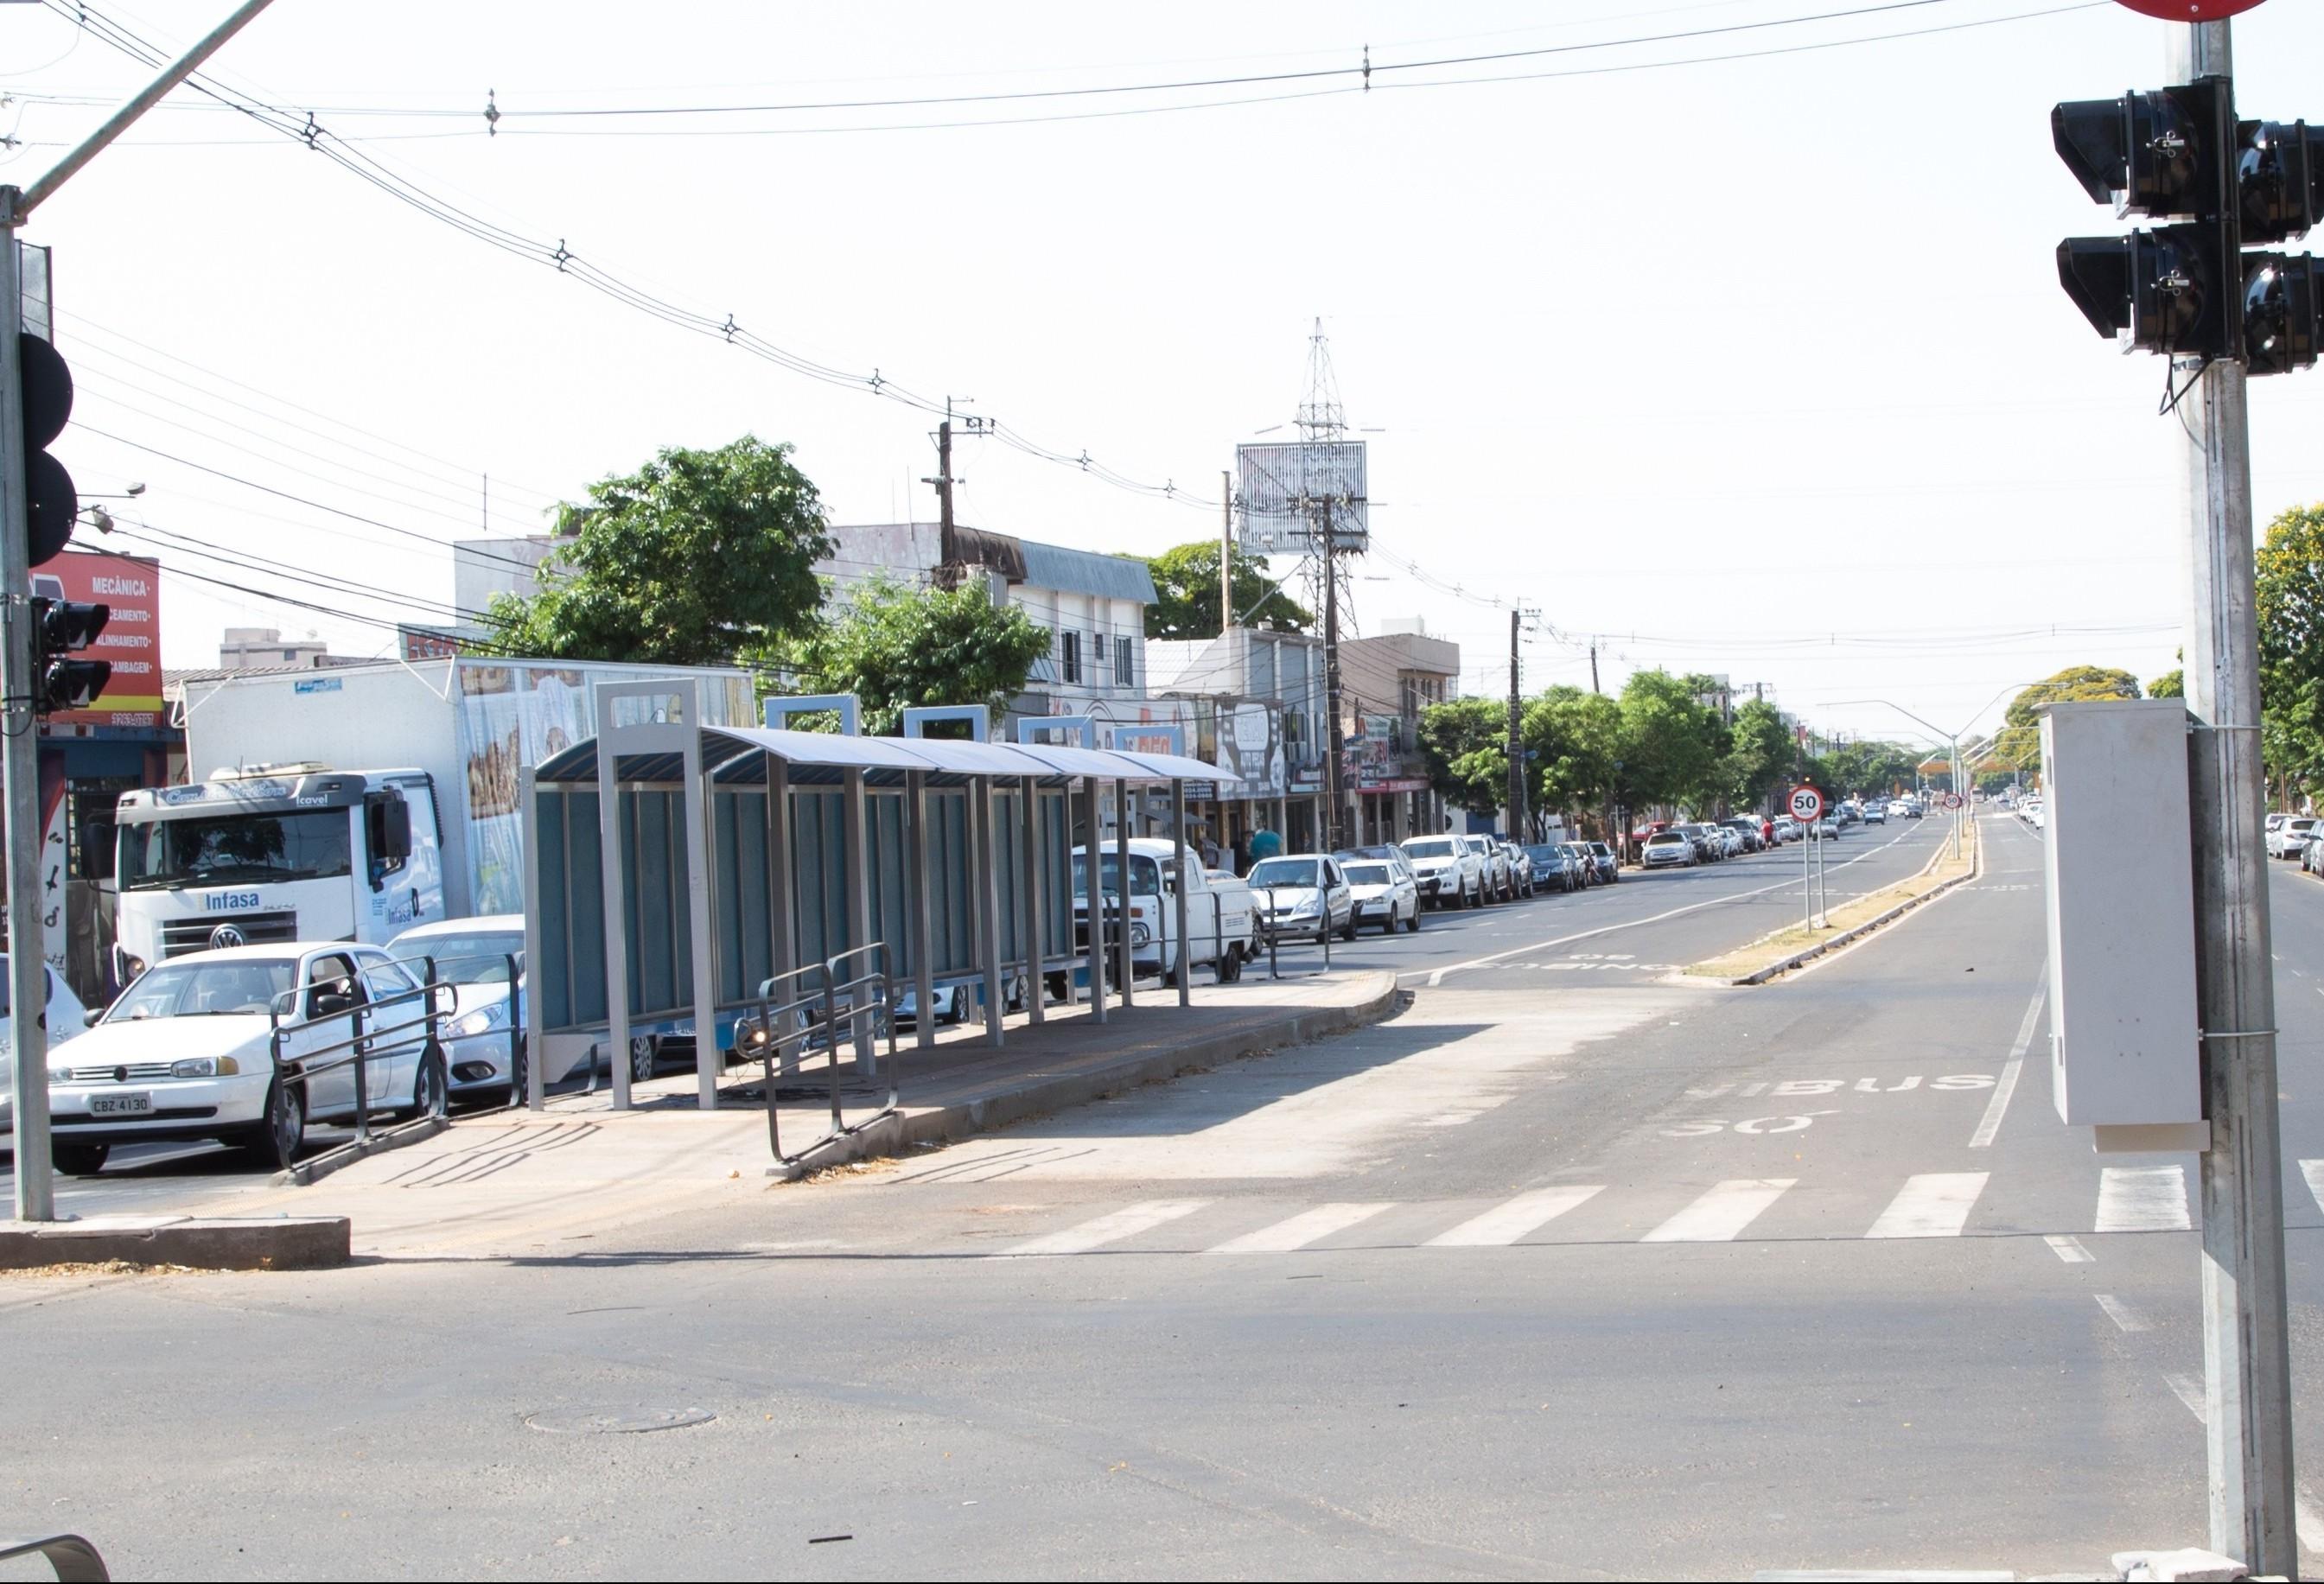 Corredores exclusivos de ônibus serão isolados por 'tachões' neste ano